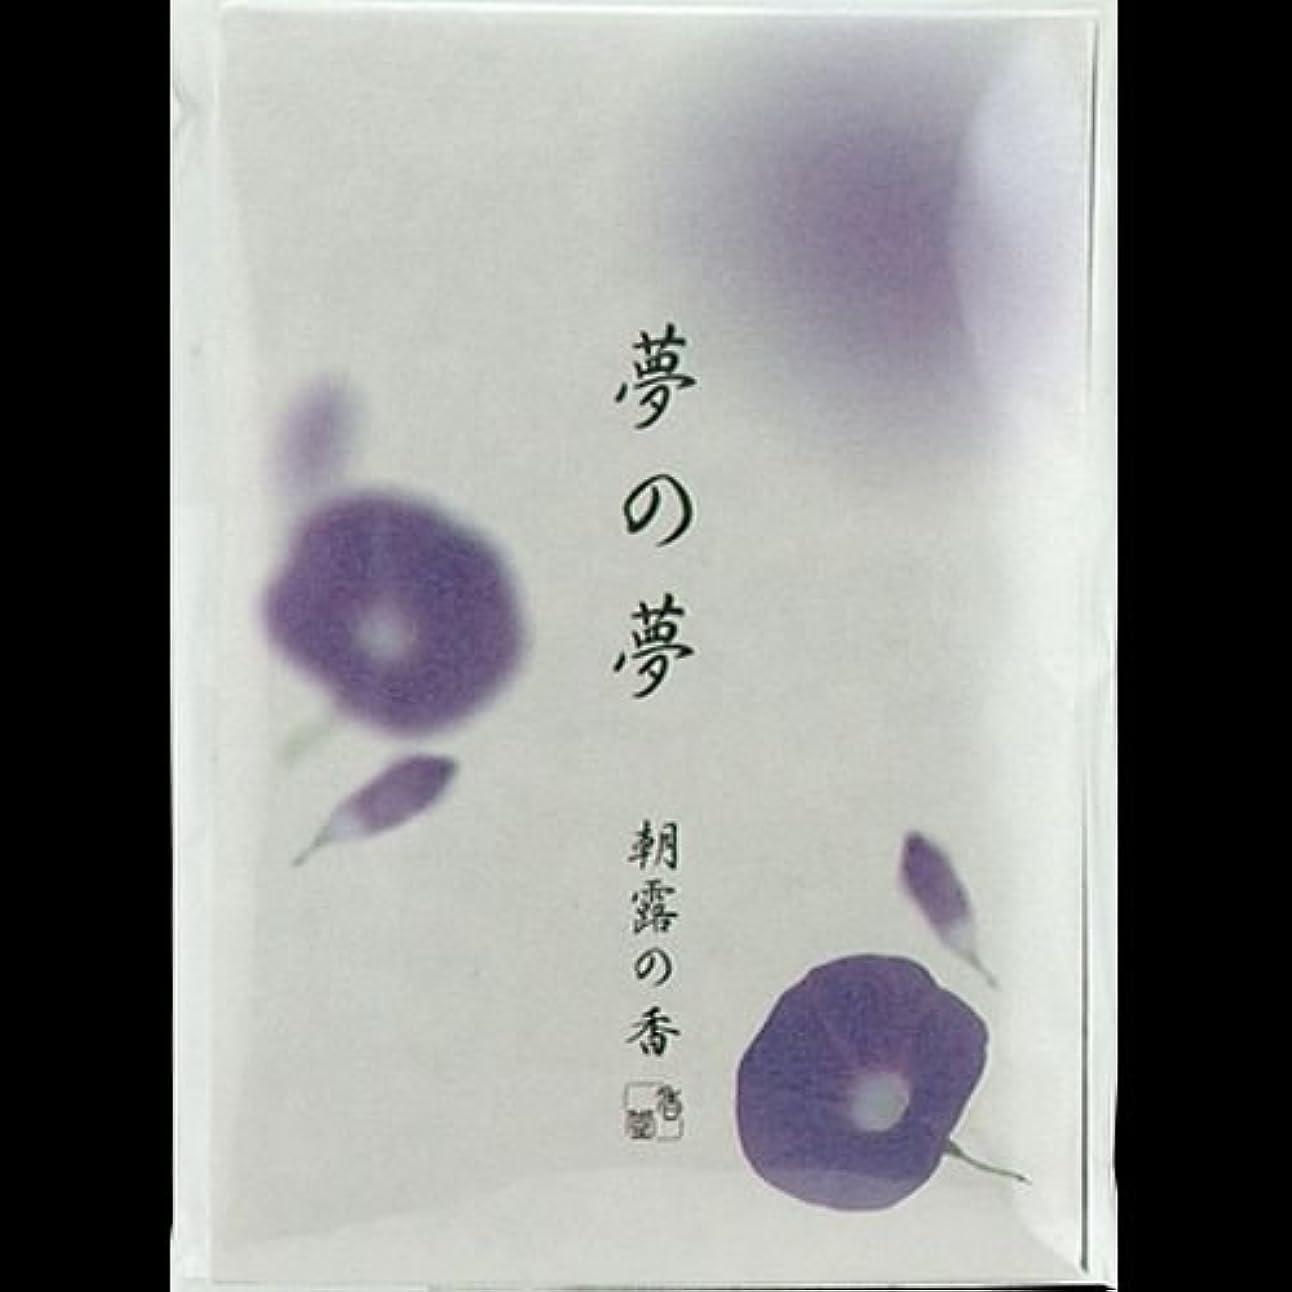 驚き世代掃く【まとめ買い】夢の夢 朝露(あさつゆ) スティック12本入 ×2セット